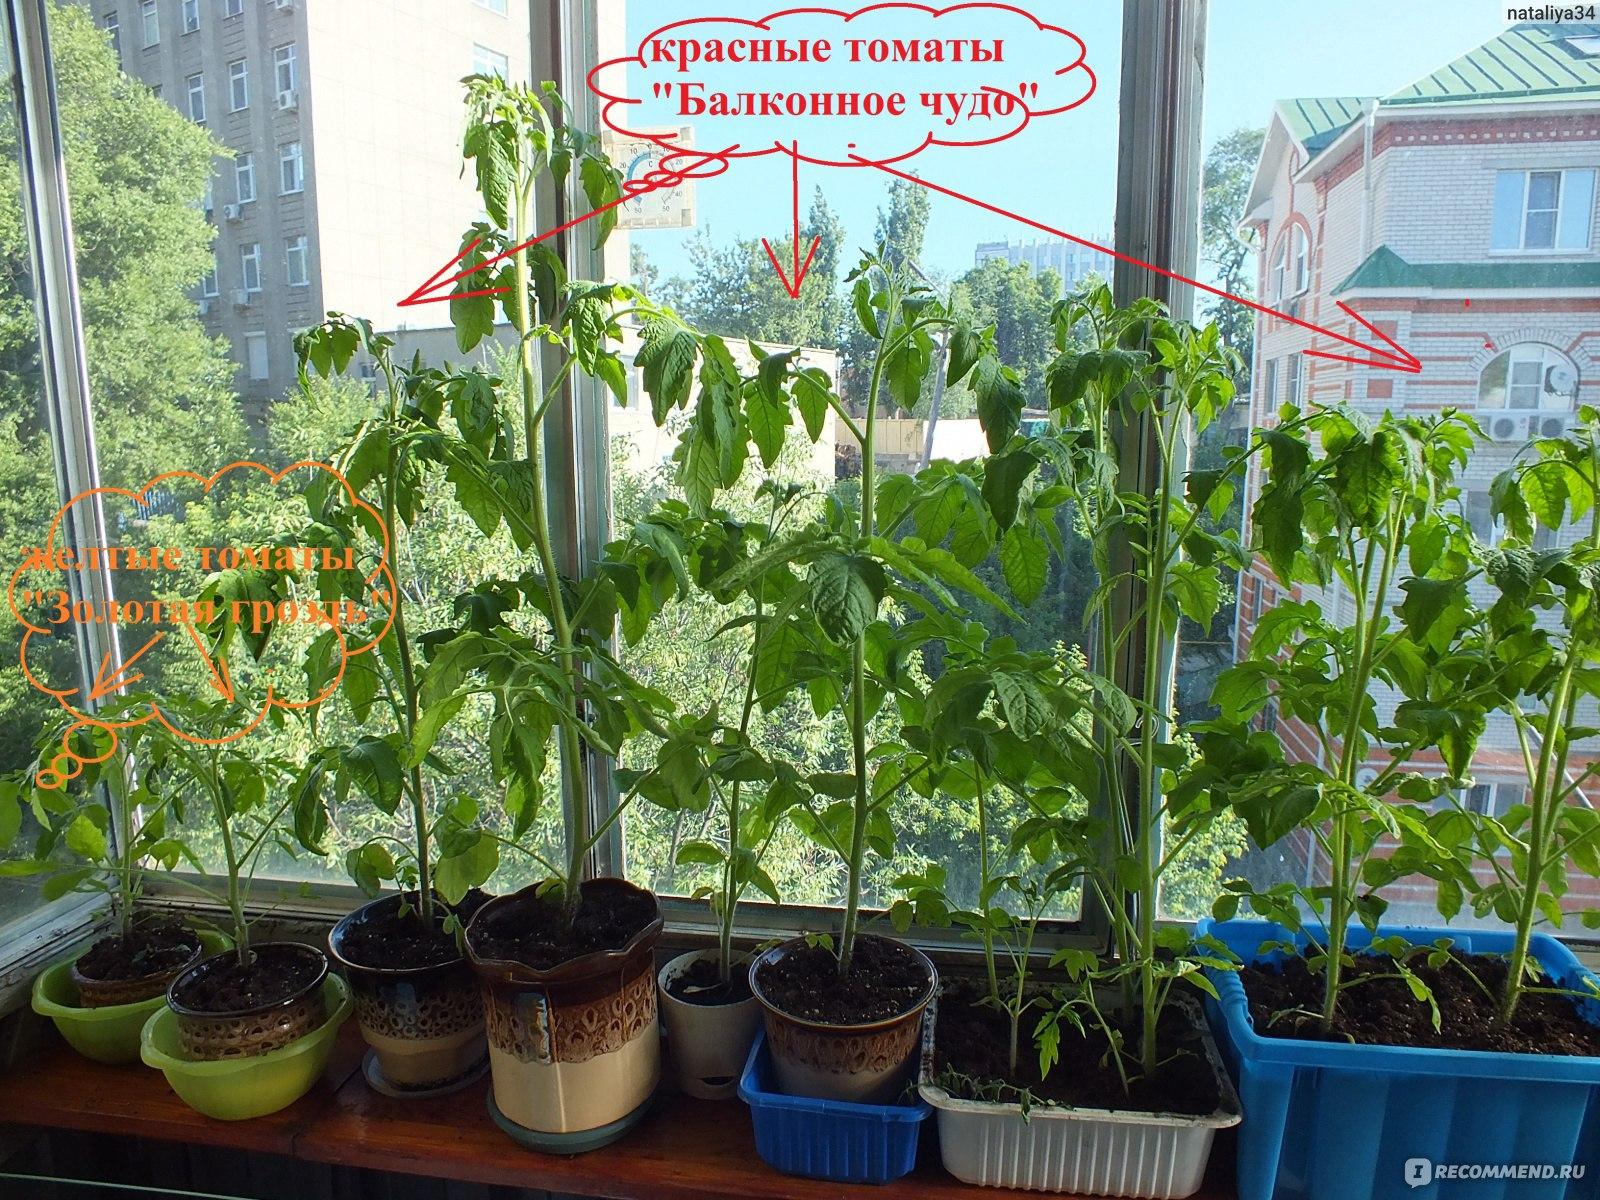 Помидоры «балконное чудо»: выращивание дома